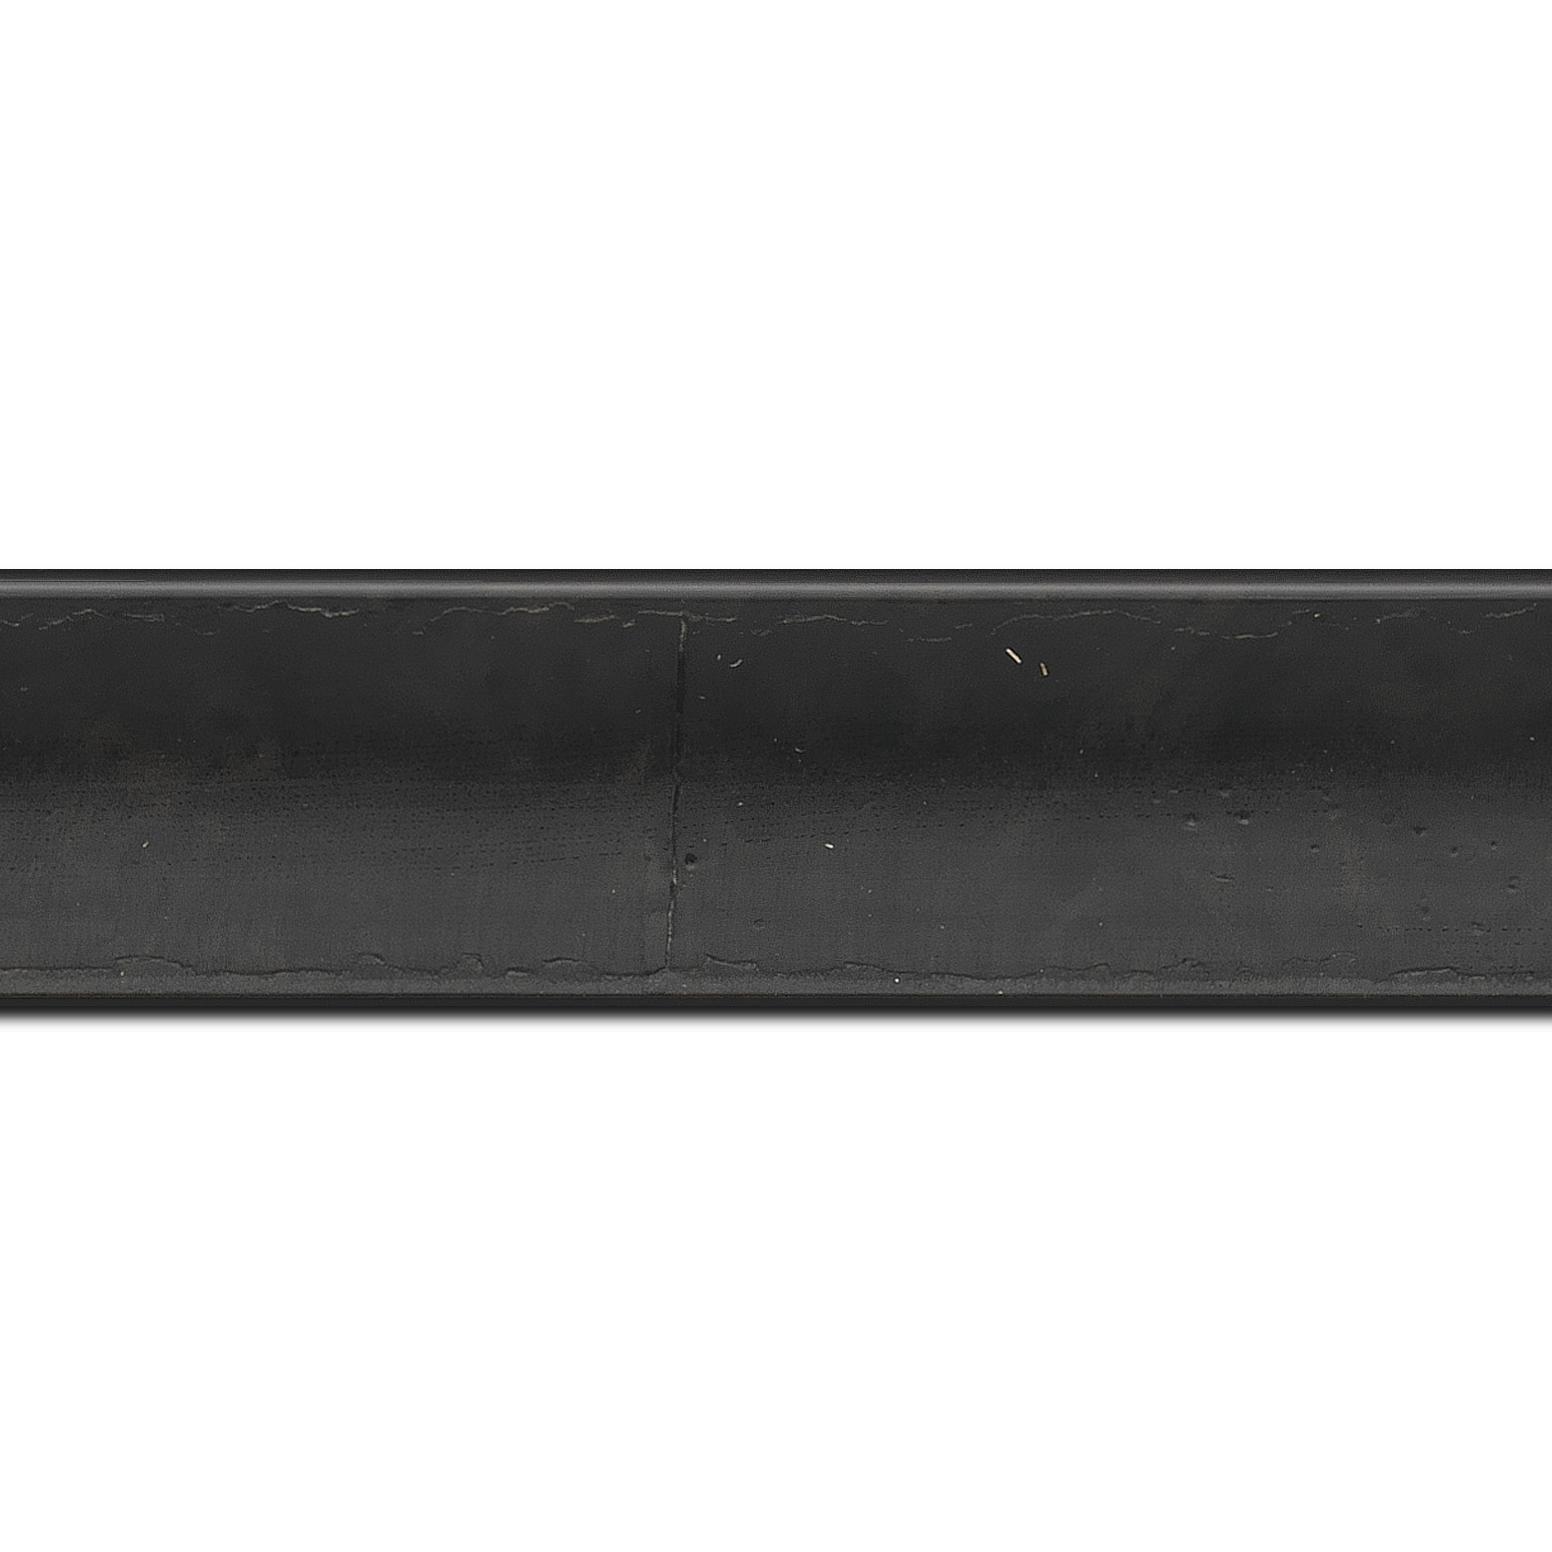 Pack par 12m, bois profil incurvé largeur 4.1cm couleur noir anthracite effet plaquage (longueur baguette pouvant varier entre 2.40m et 3m selon arrivage des bois)